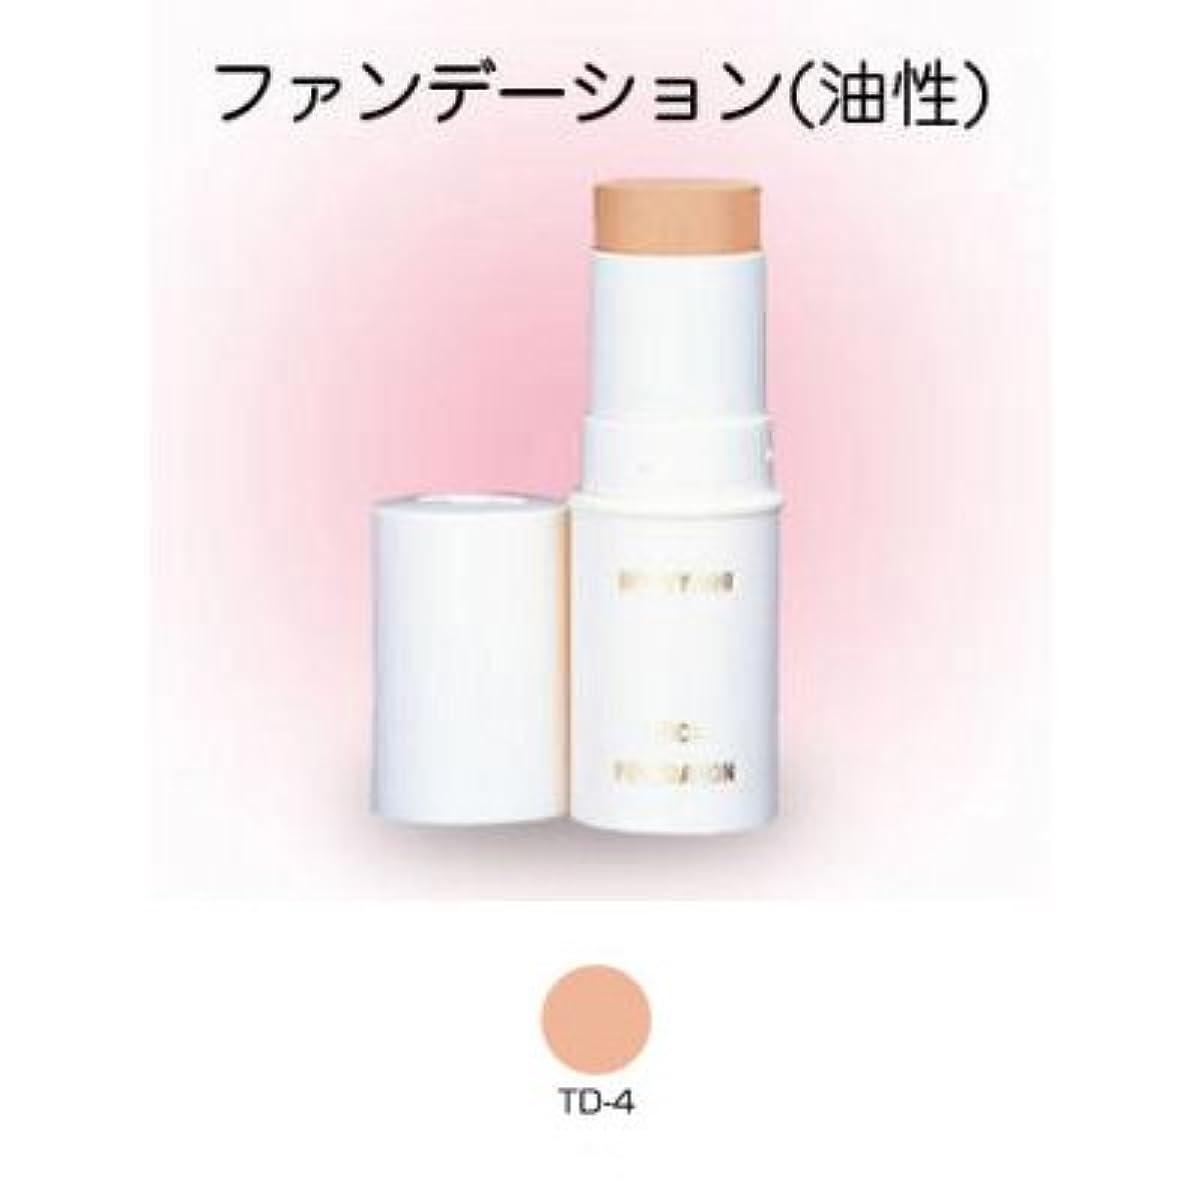 にぎやか有望結婚したスティックファンデーション 16g TD-4 【三善】